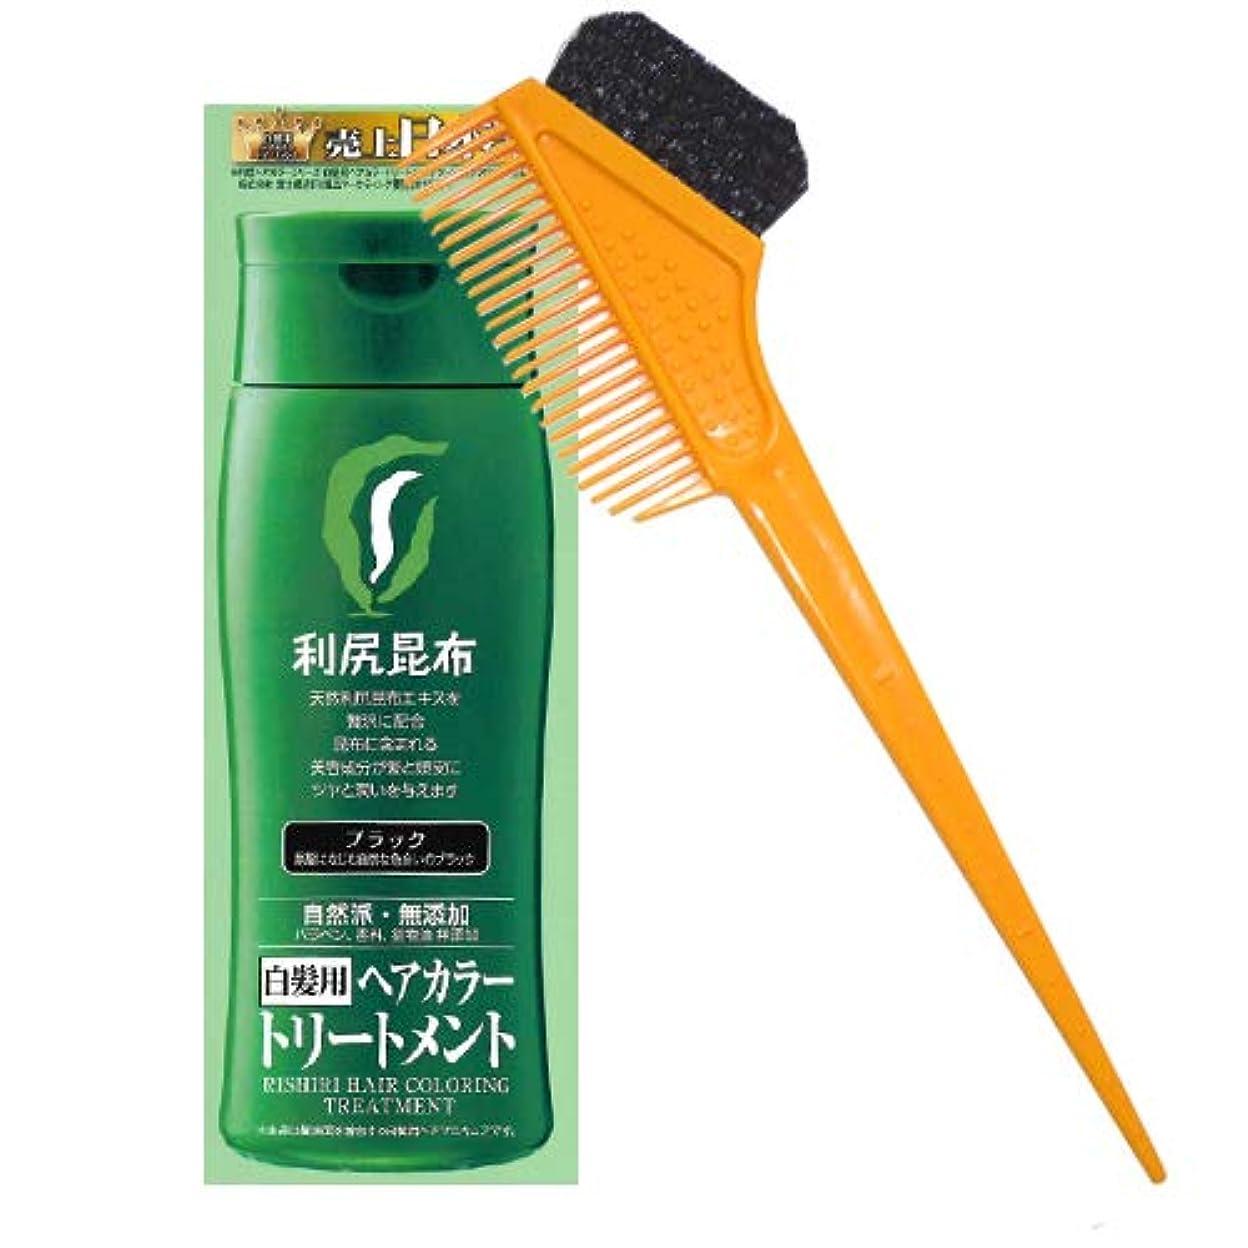 利尻ヘアカラートリートメント白髪染め 200g×1本&毛染めブラシ1本(オレンジ)セット (ブラック)